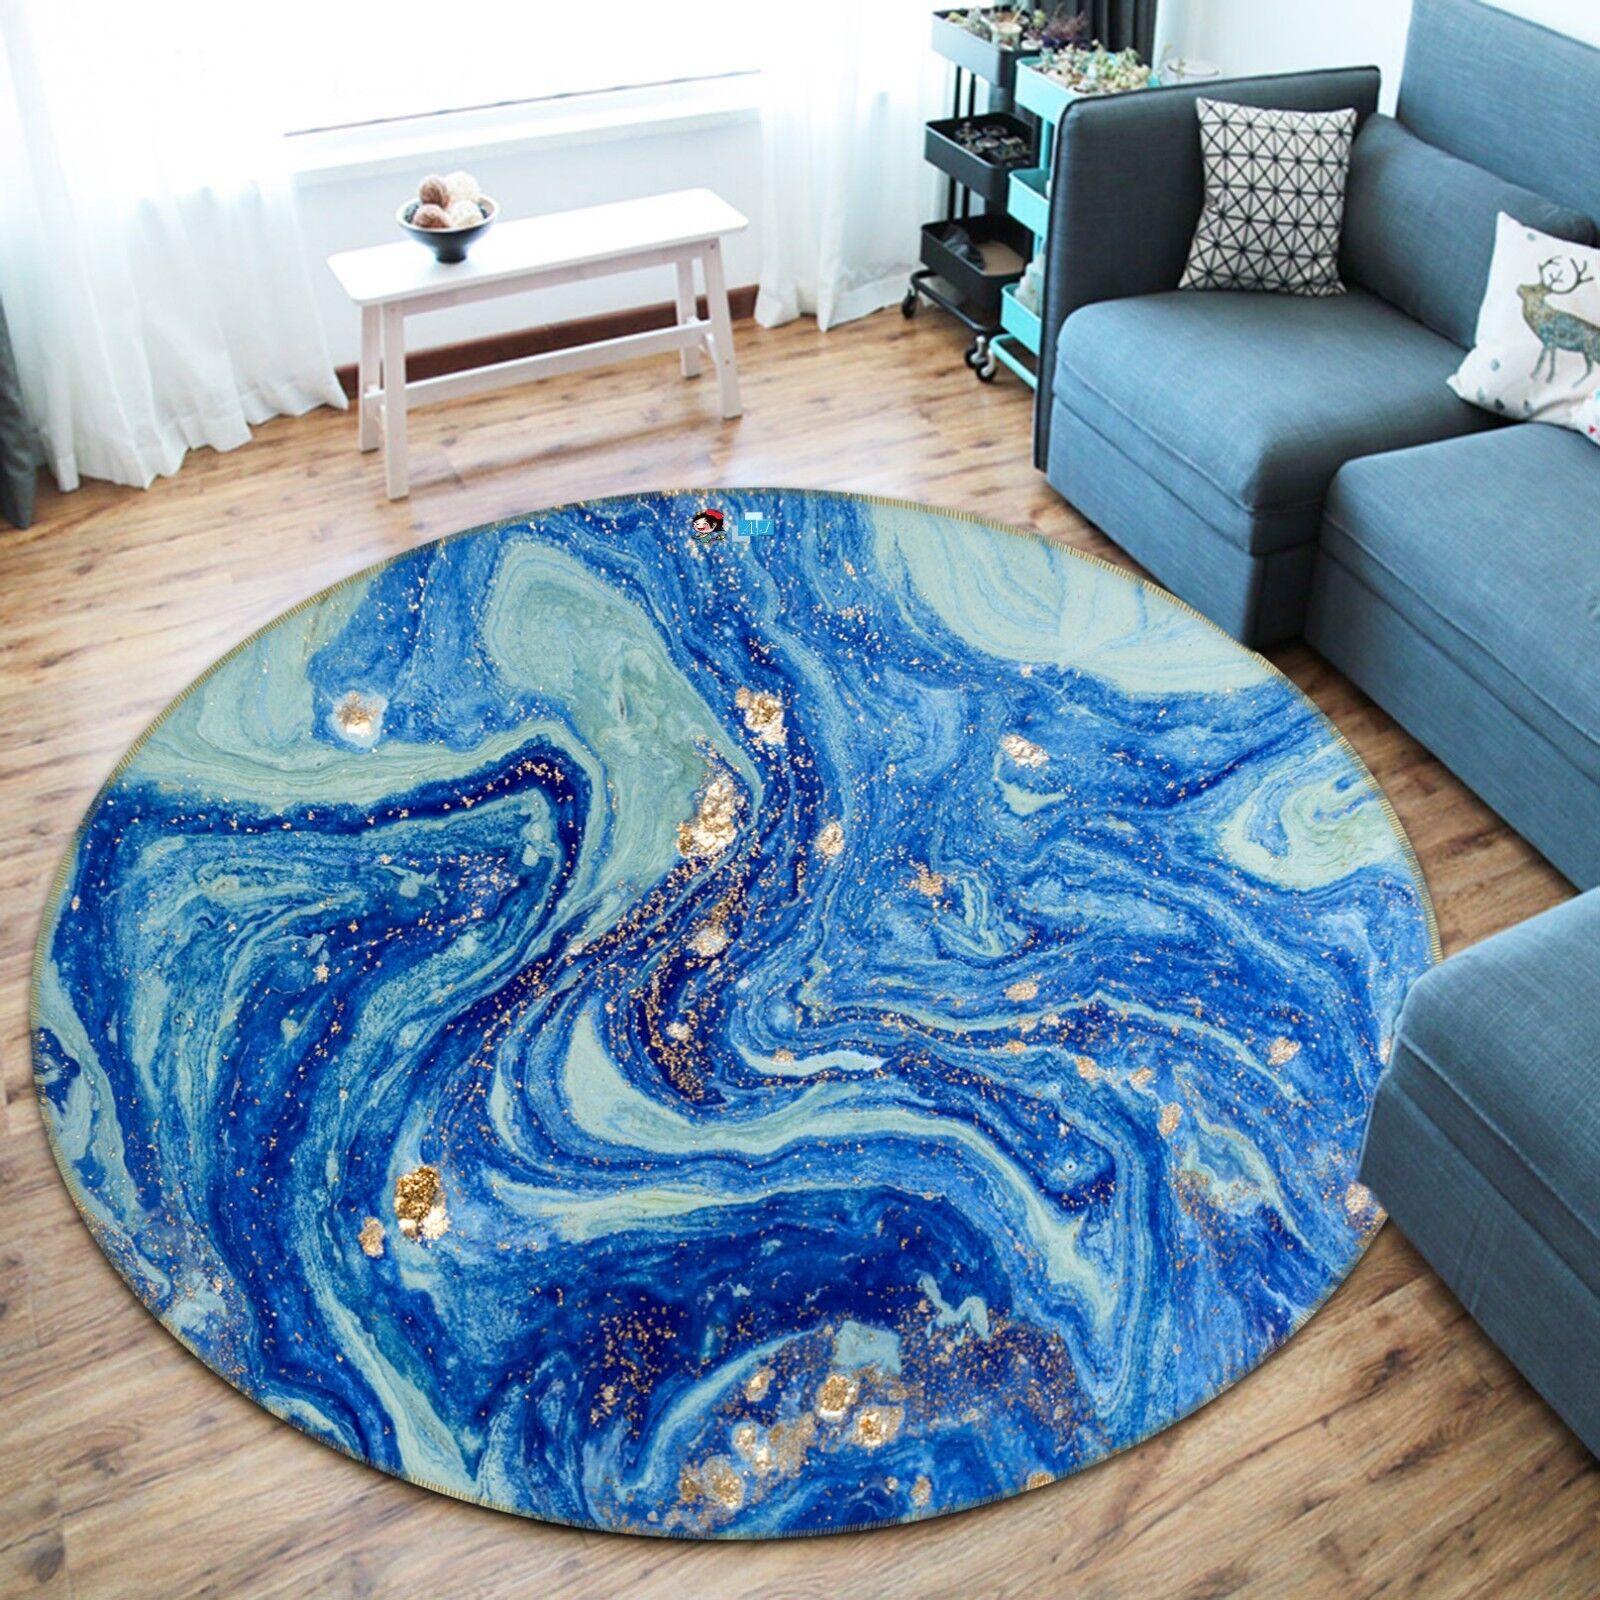 3D Oil Painting blu 2 Non Slip Rug Mat Room Mat Round Quality Elegant Carpet AU